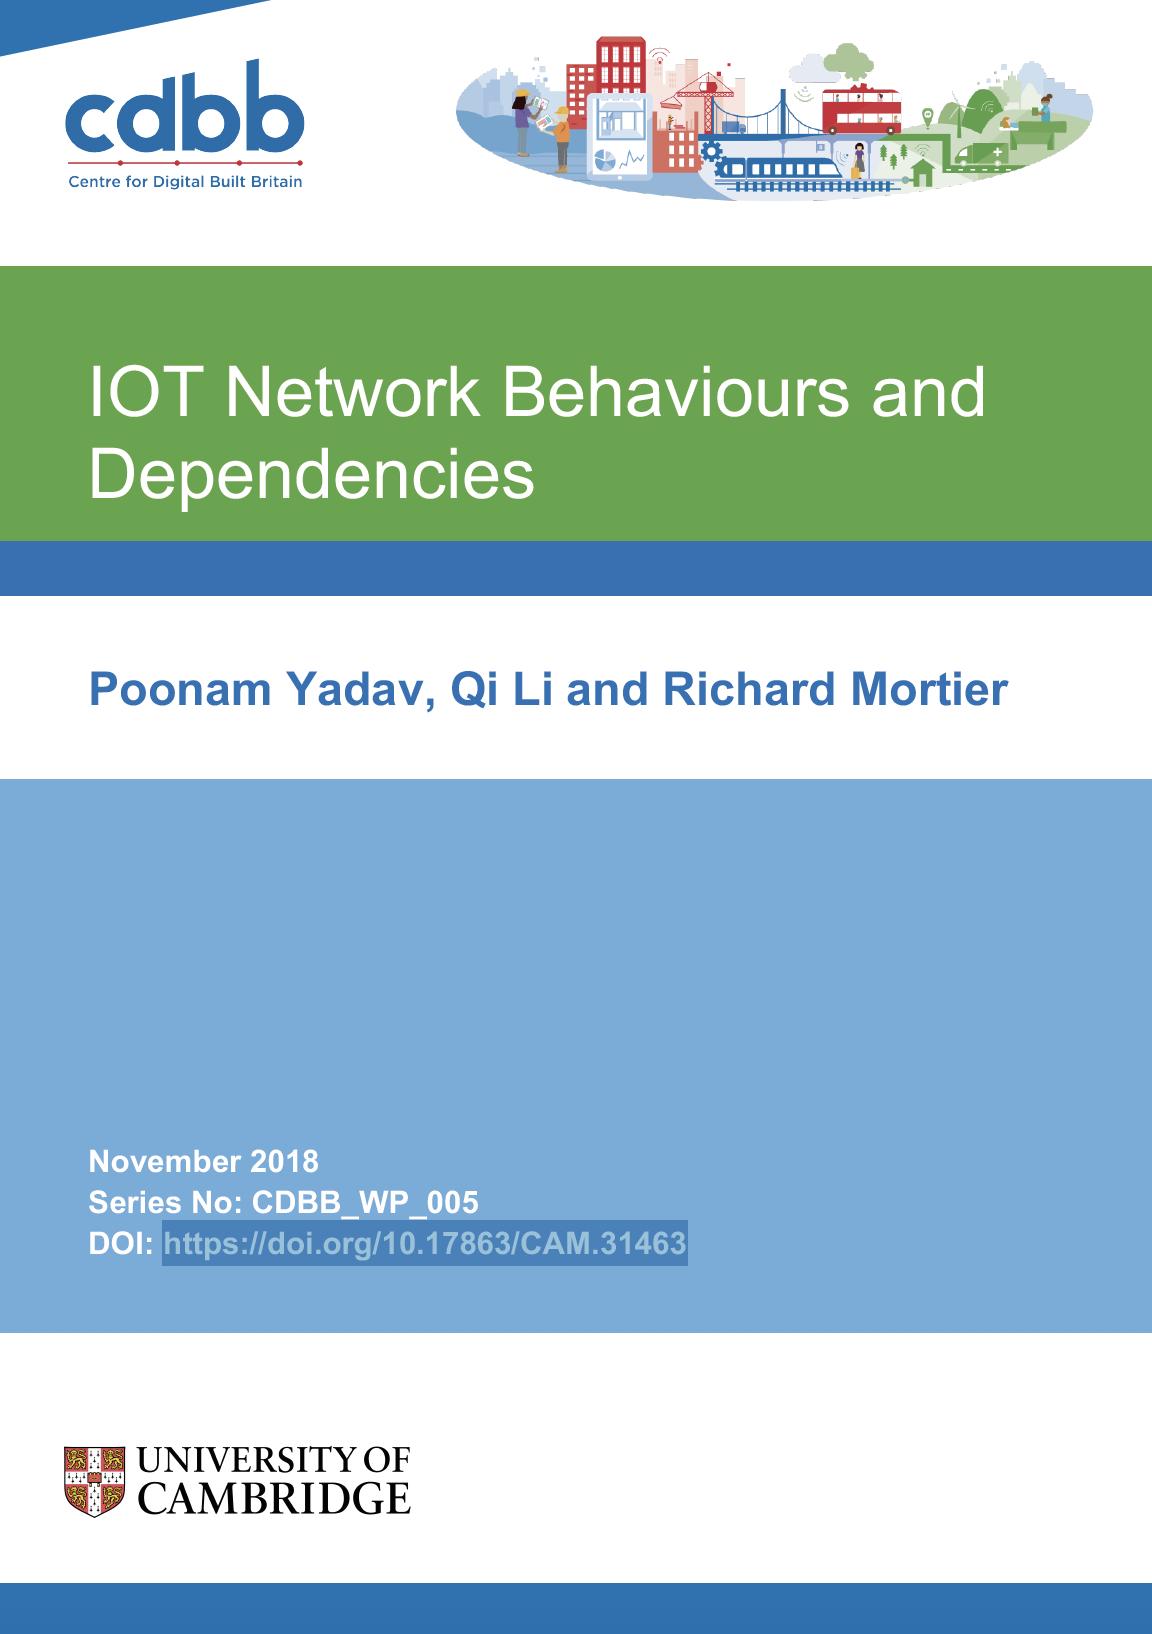 IOT Network Behaviours and Dependencies